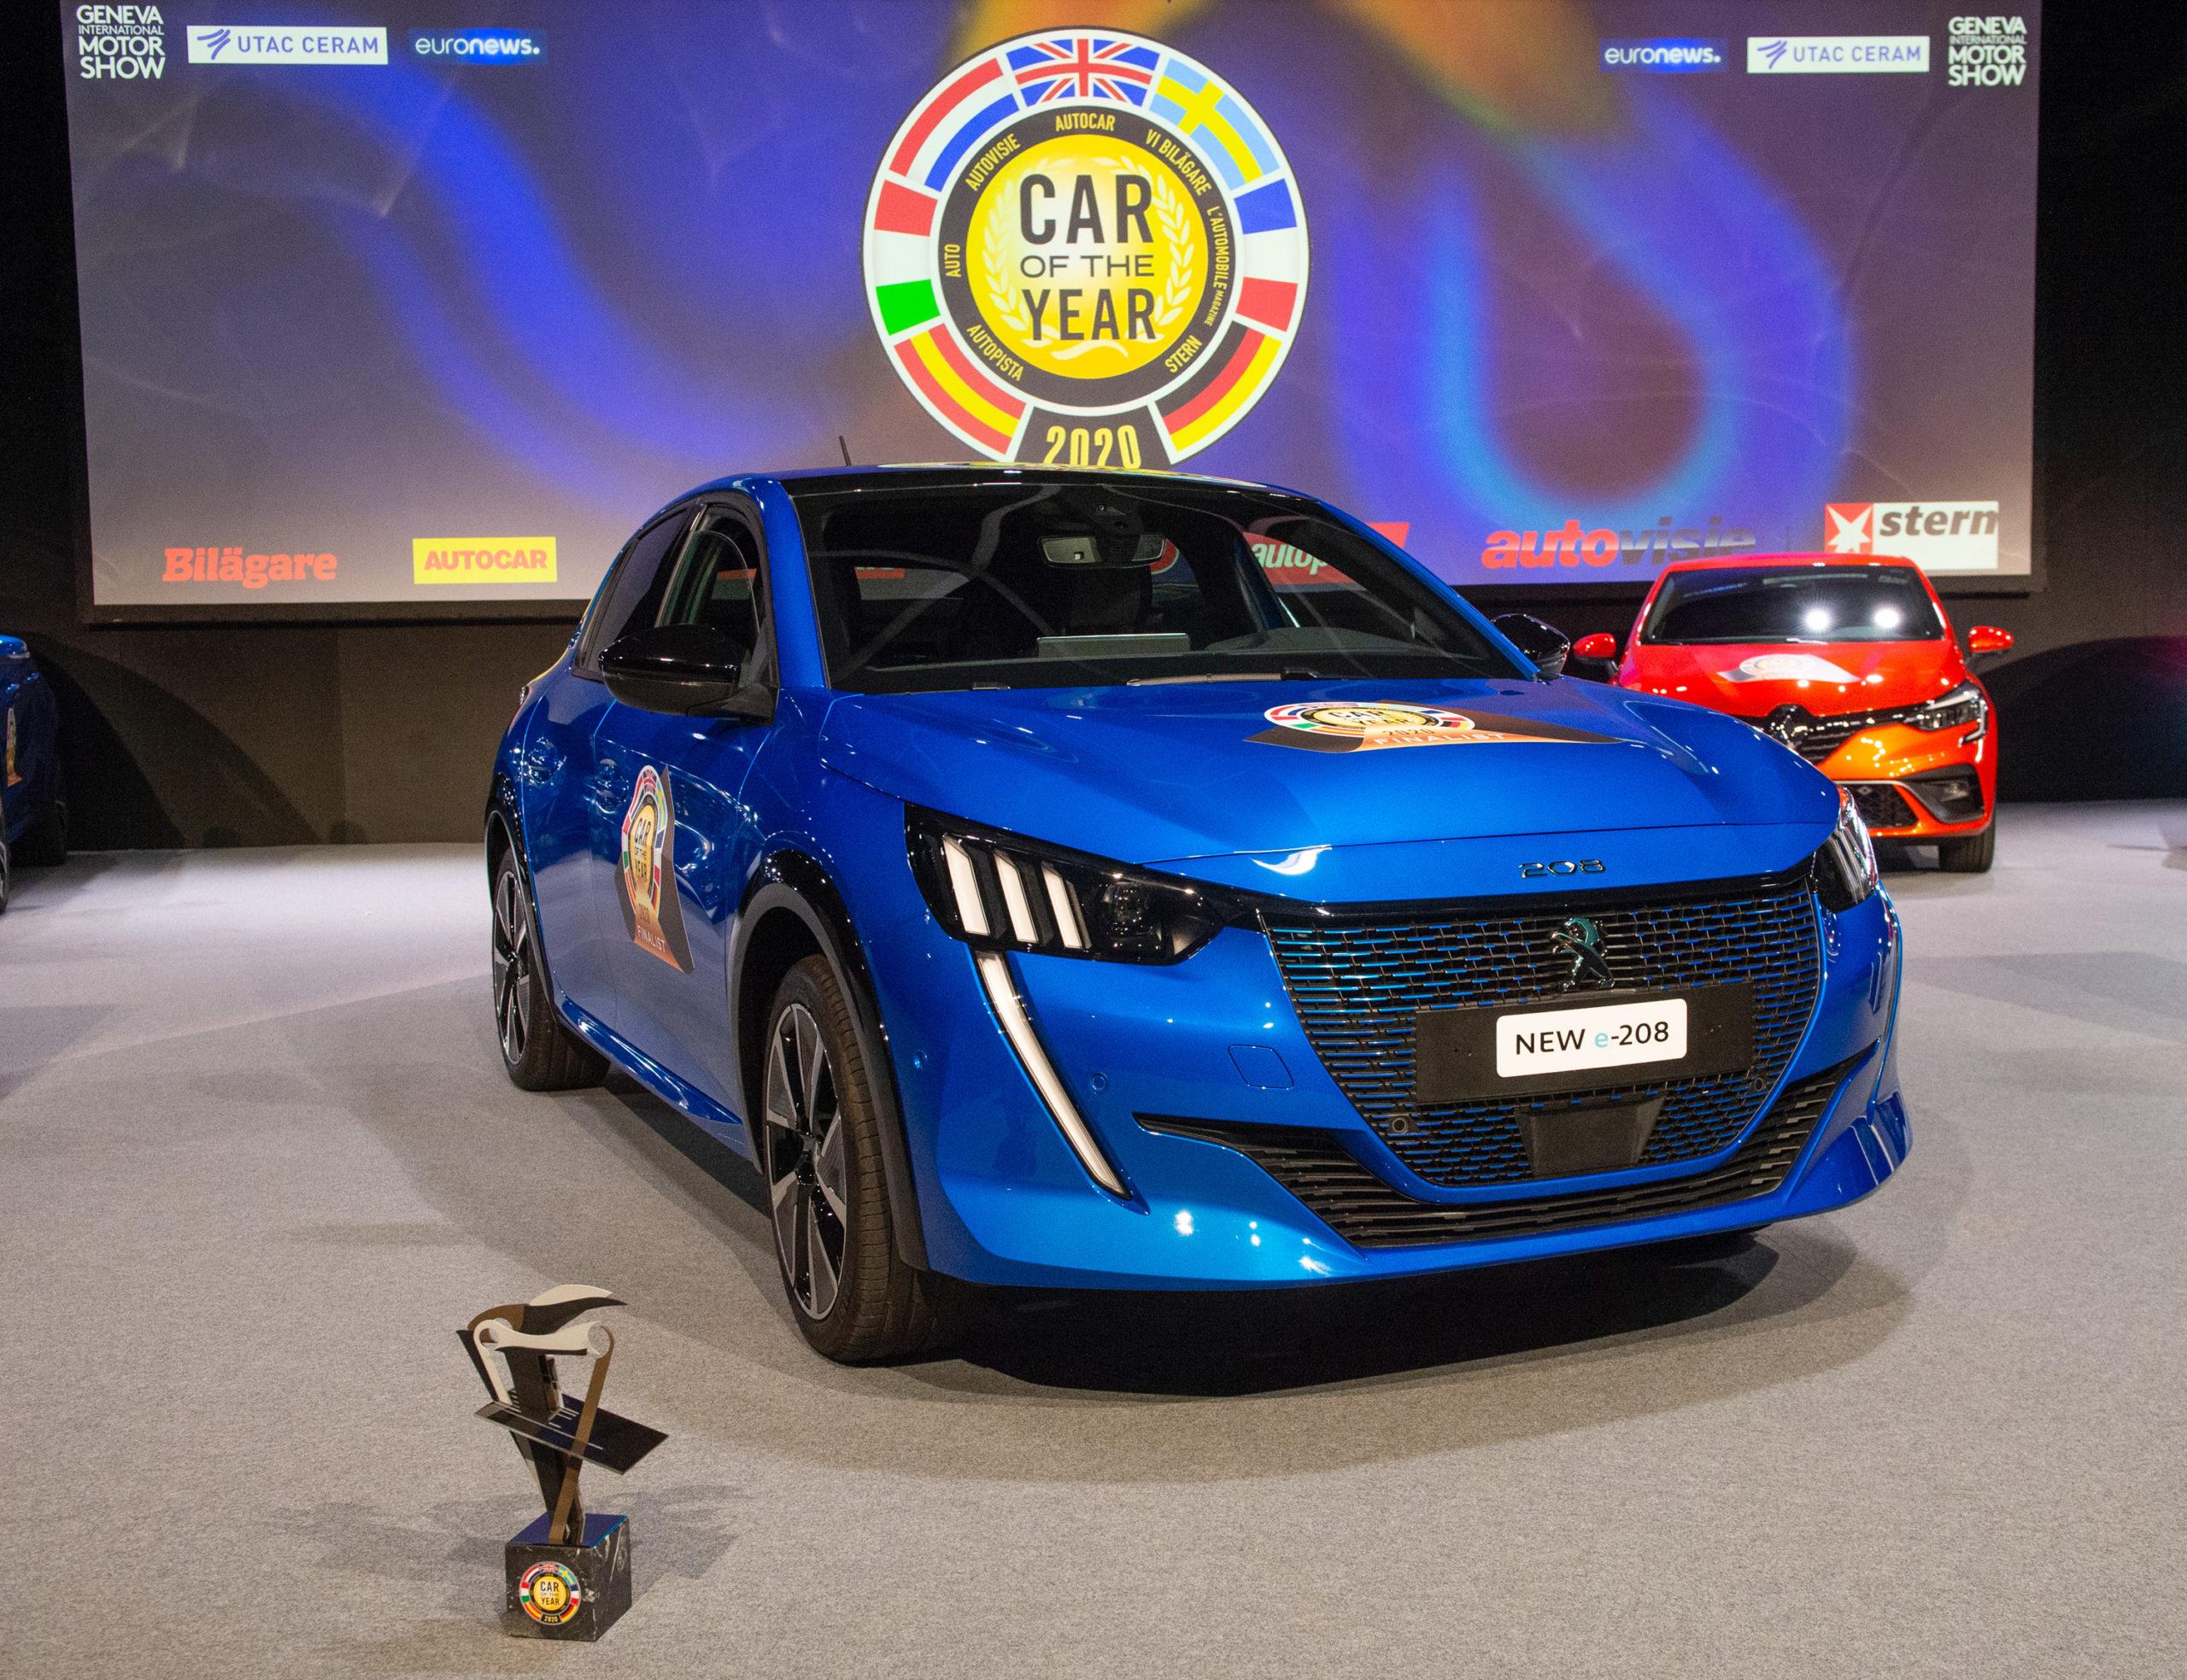 Peugeot 208 Auto dell'anno 2020, il podio è tutto elettrico